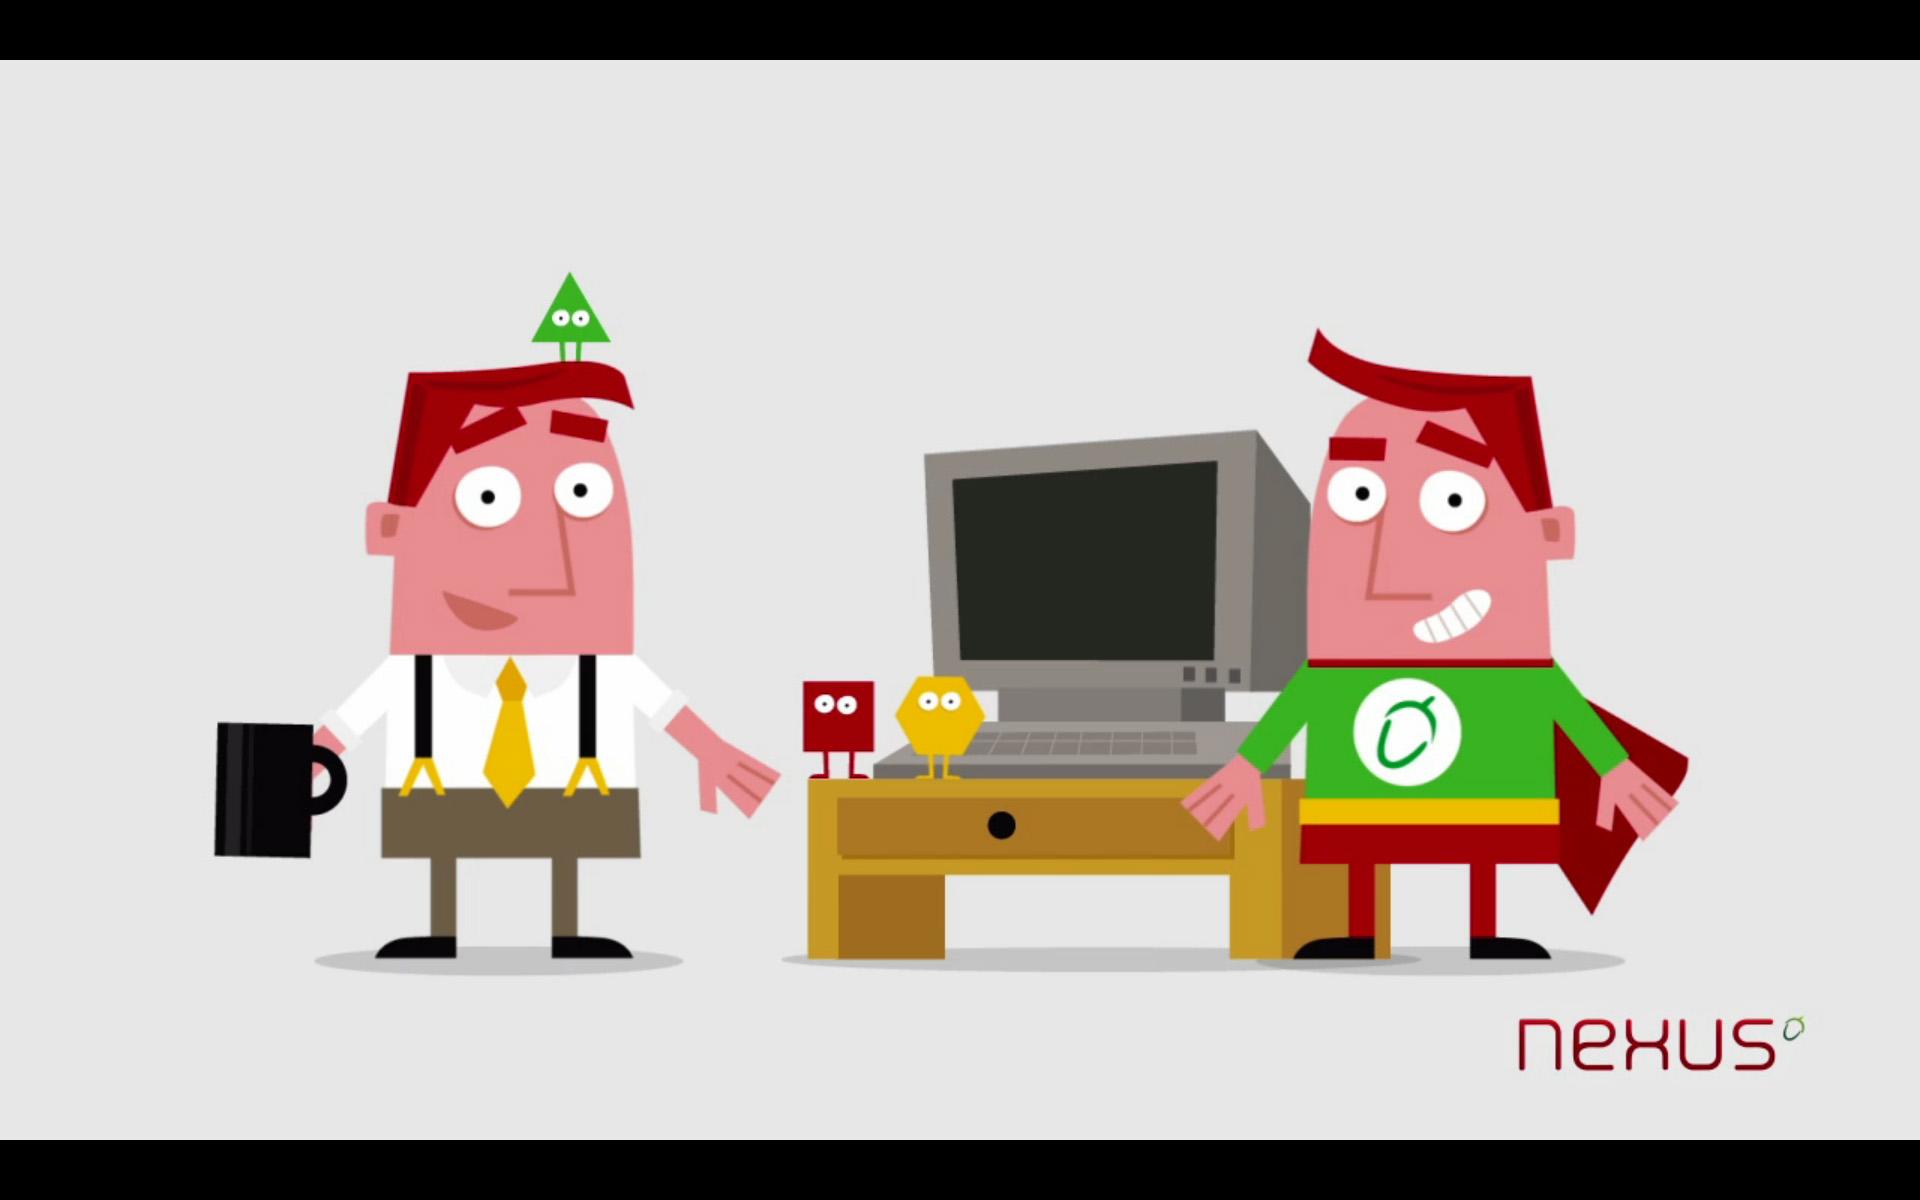 Meet Nexus, the semantic software!